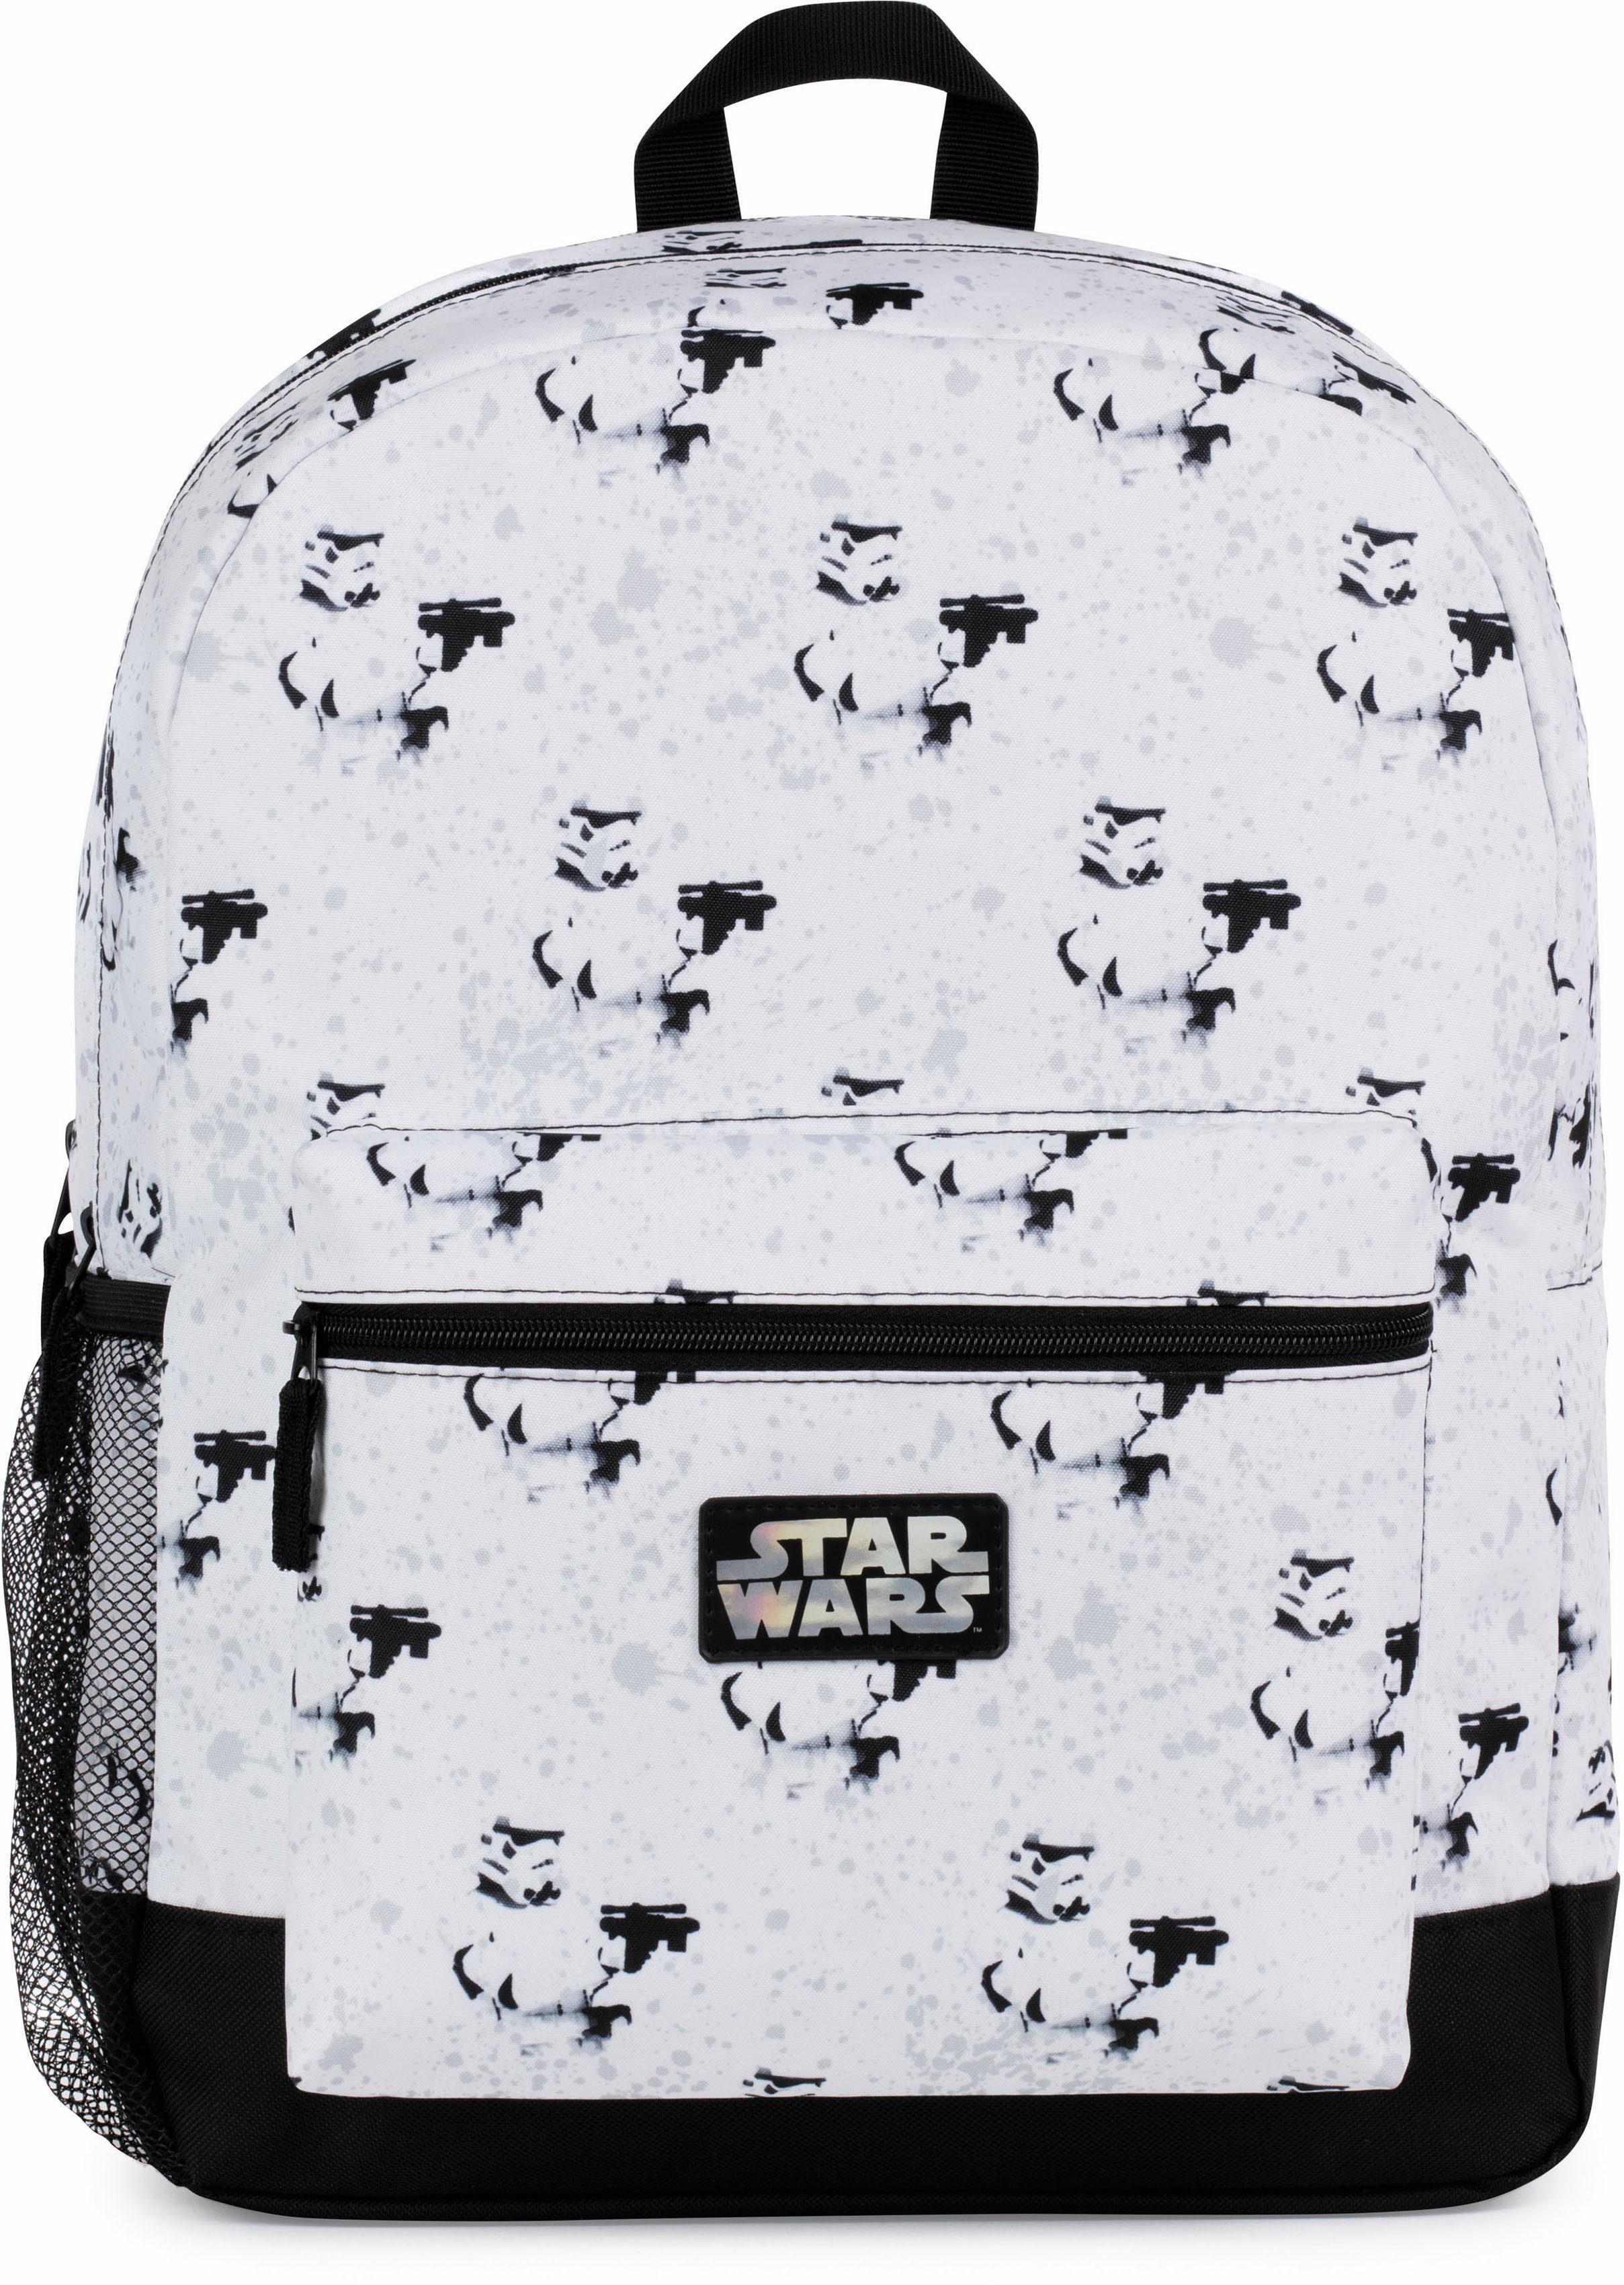 Rucksack mit 2 Hauptfächern, »Star Wars™«